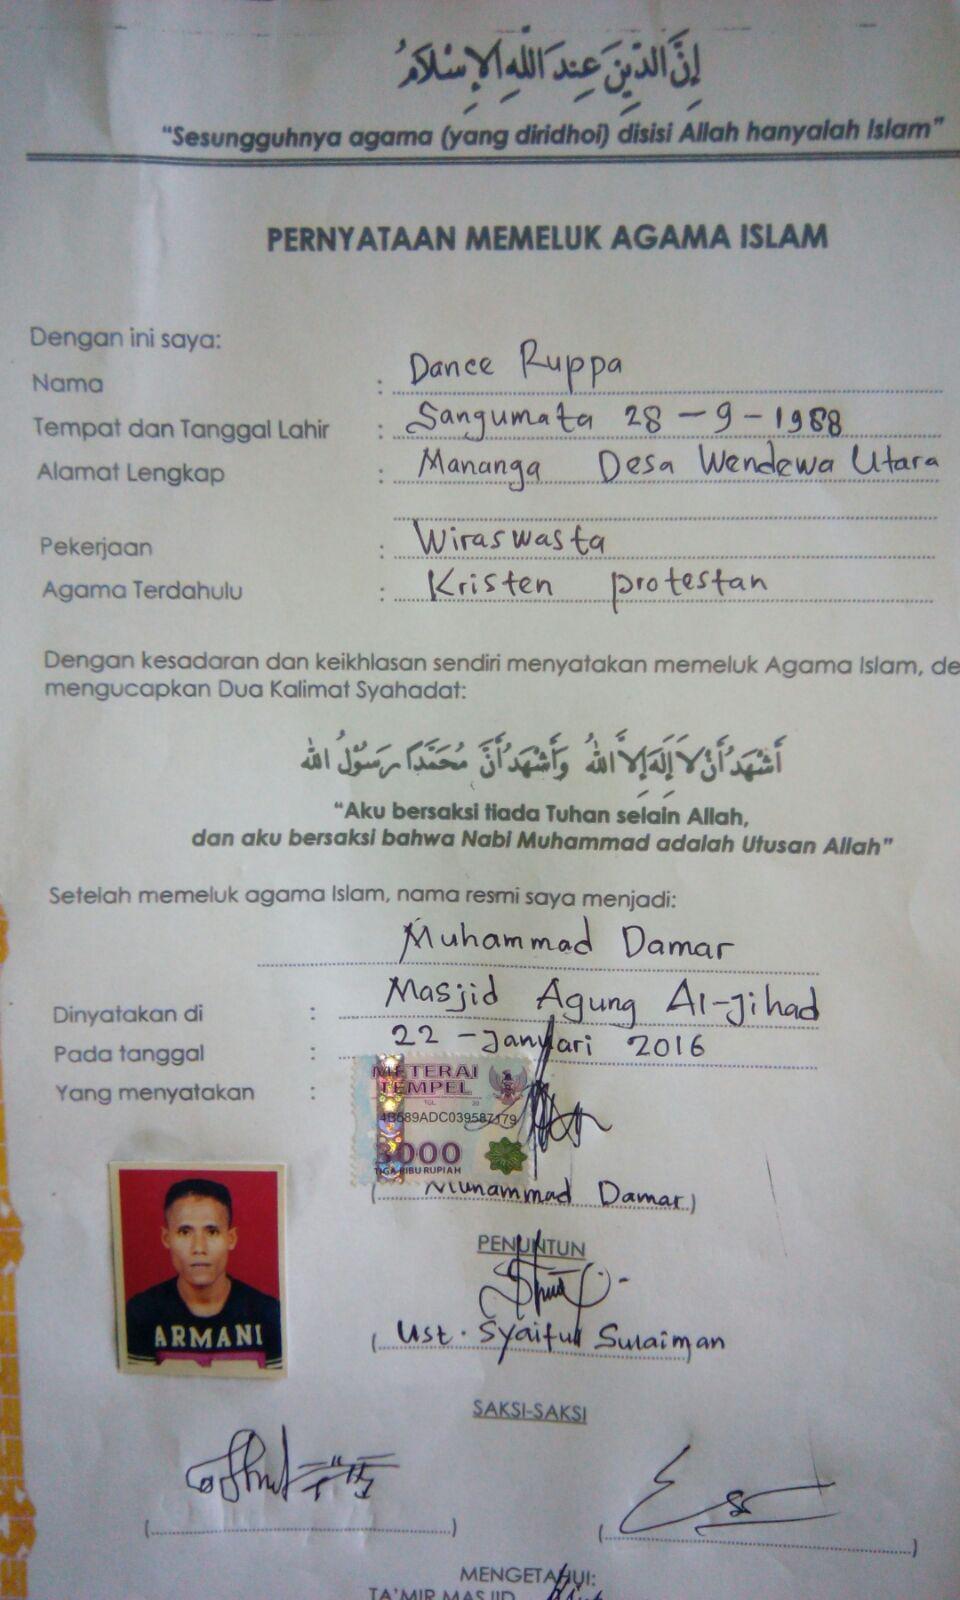 Sertifikat tanda bukti telah masuk Islam milik Dance Ruppa/Muhammad Damar.